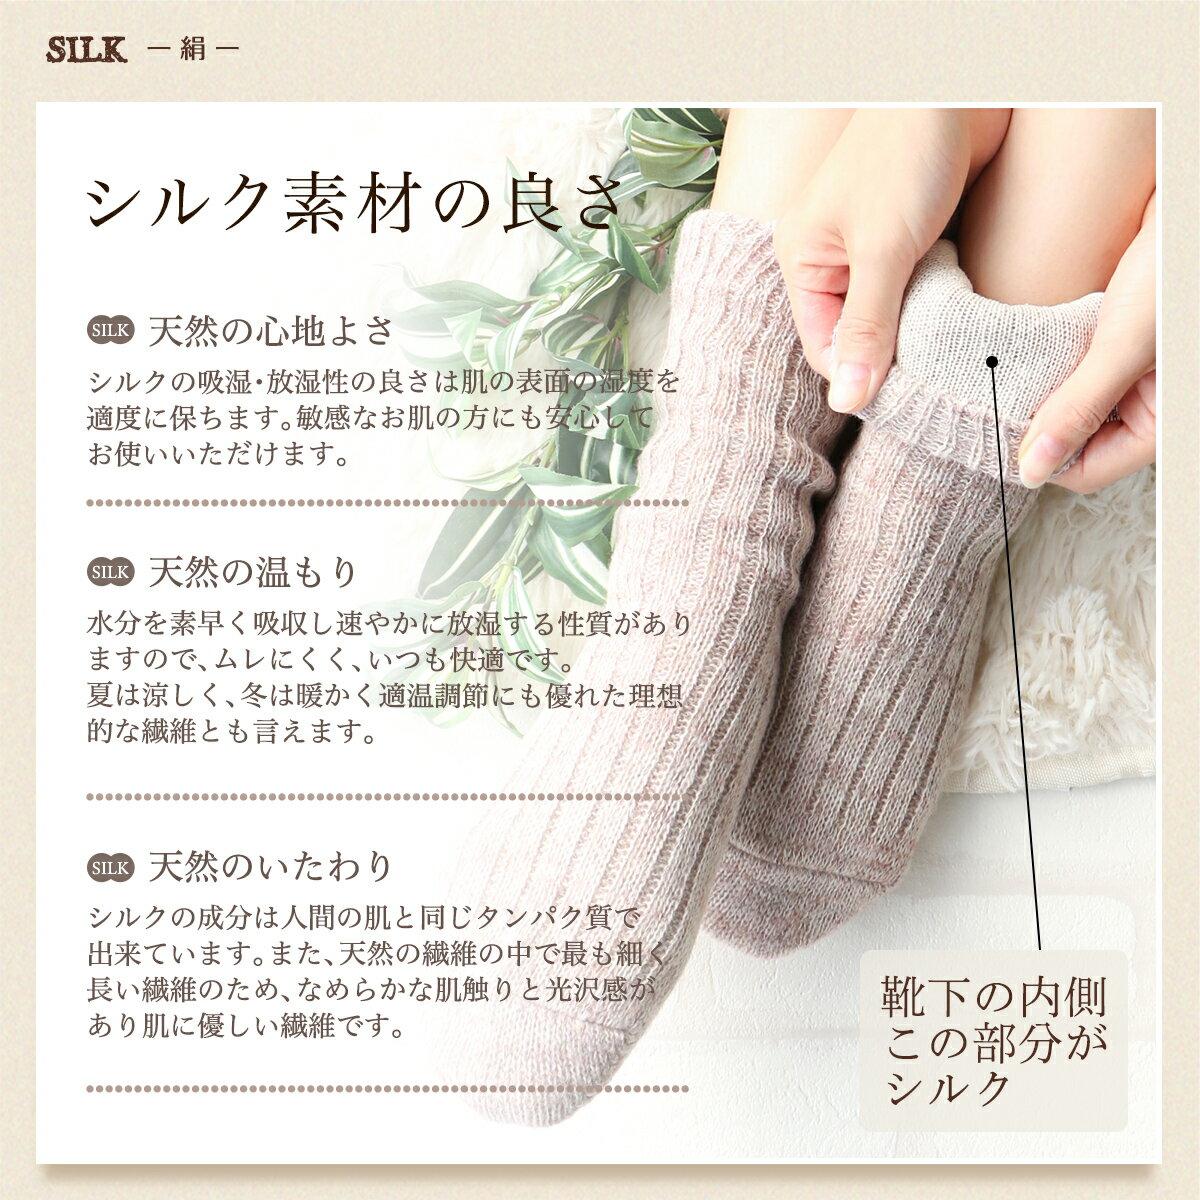 セール50%OFF!concept(コンセプト)ナイガイ 日本製 毛絹混 モヘアソックス 肌側シルク(絹)・外側毛混(ウール) 2重編みソックス 3012-618 【ゆうパケット・4点まで】